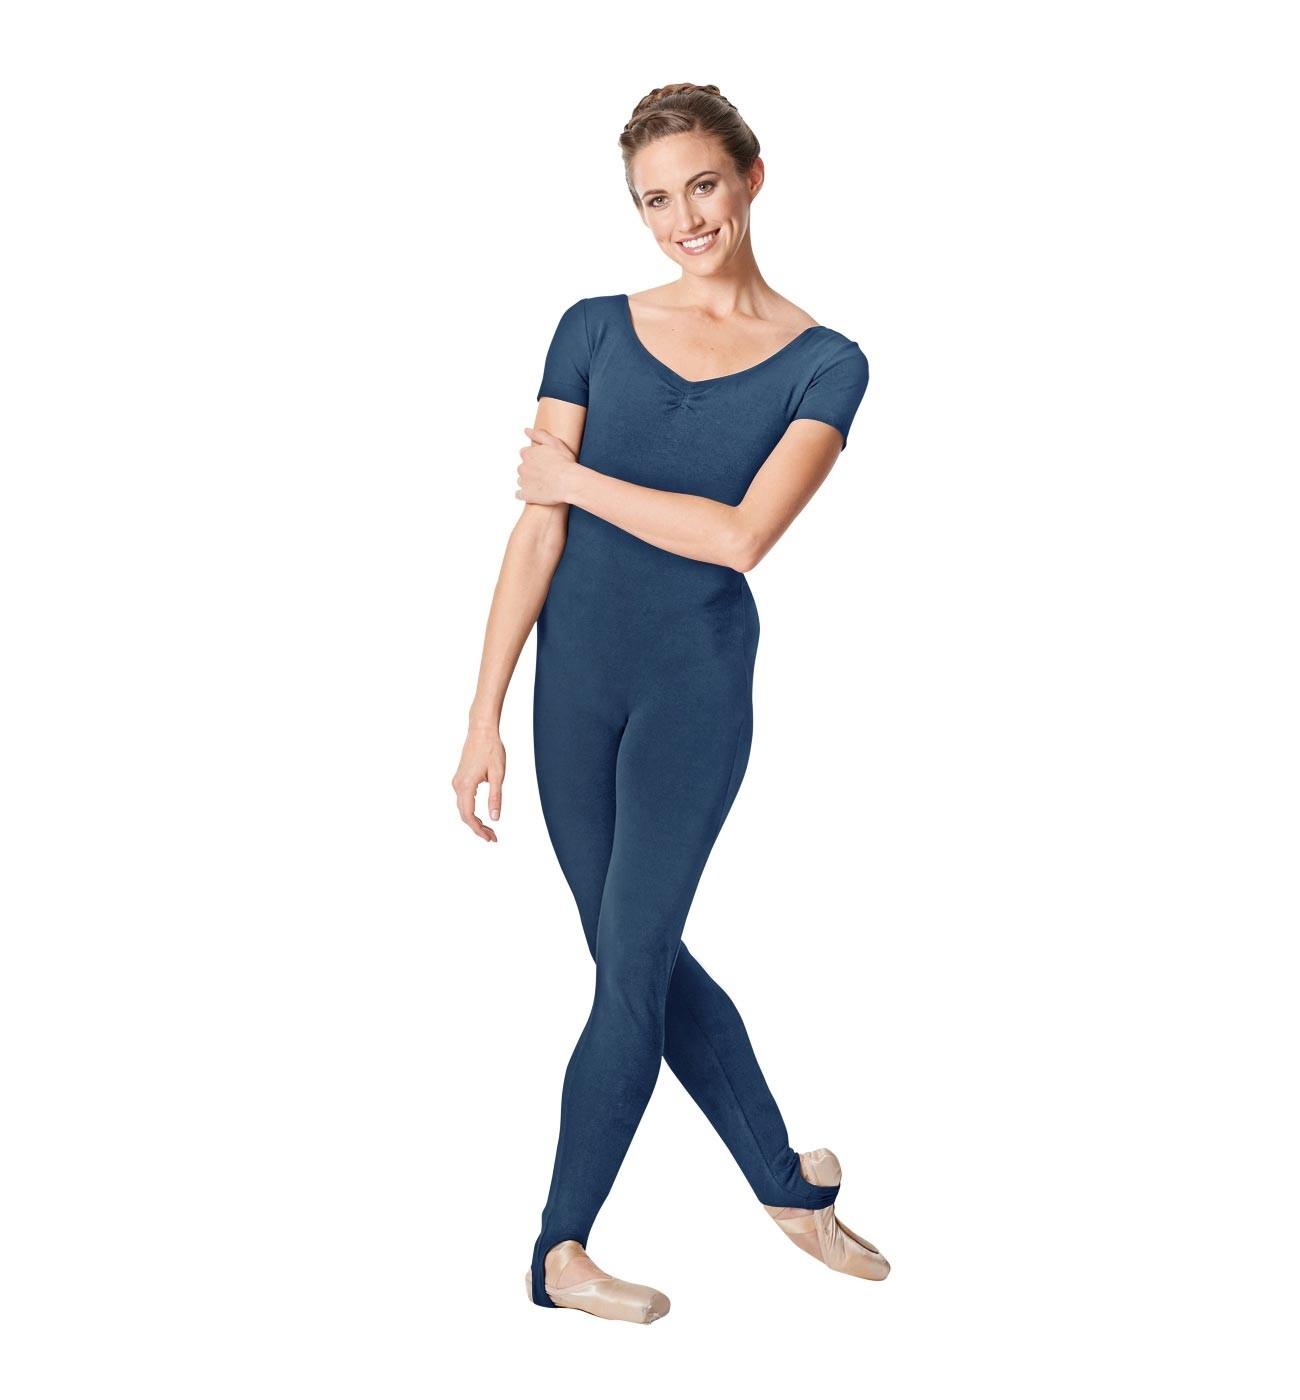 ג'ינס אוברול למחול Winona של Lulli שרוול קצר עם רגלית LUB262